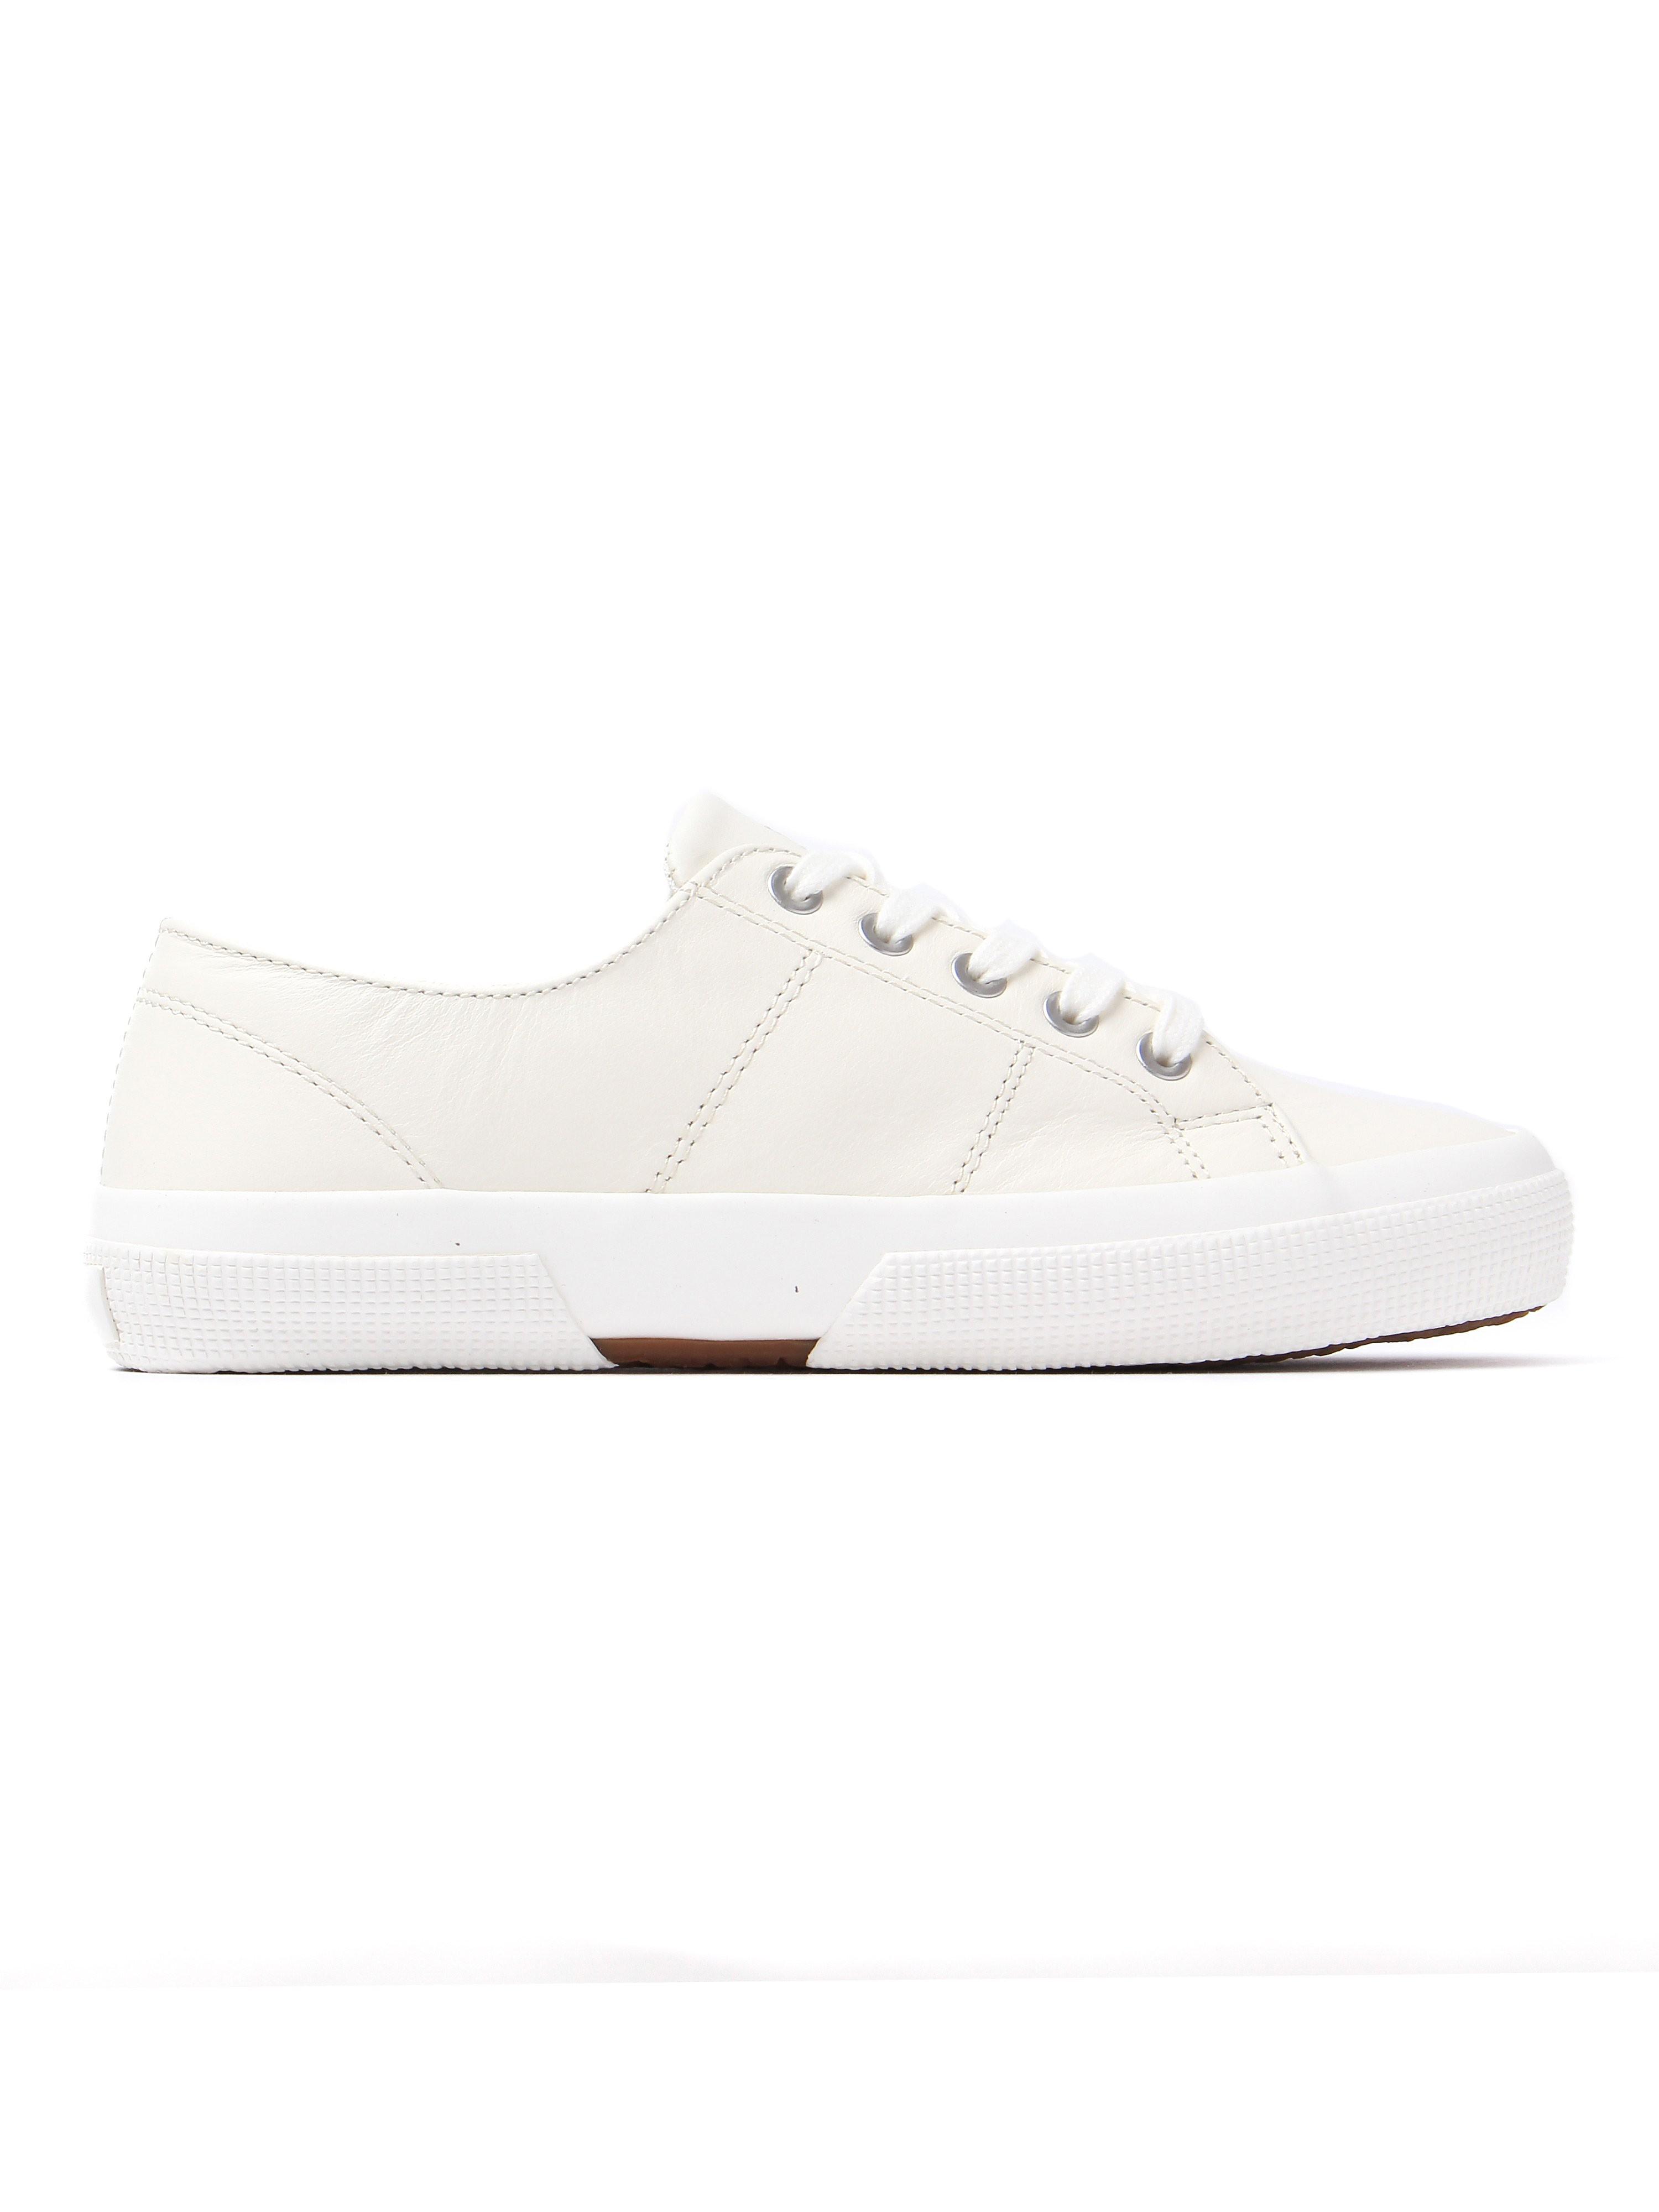 Lauren Ralph Lauren Women's Jolie Trainers - Cream Leather